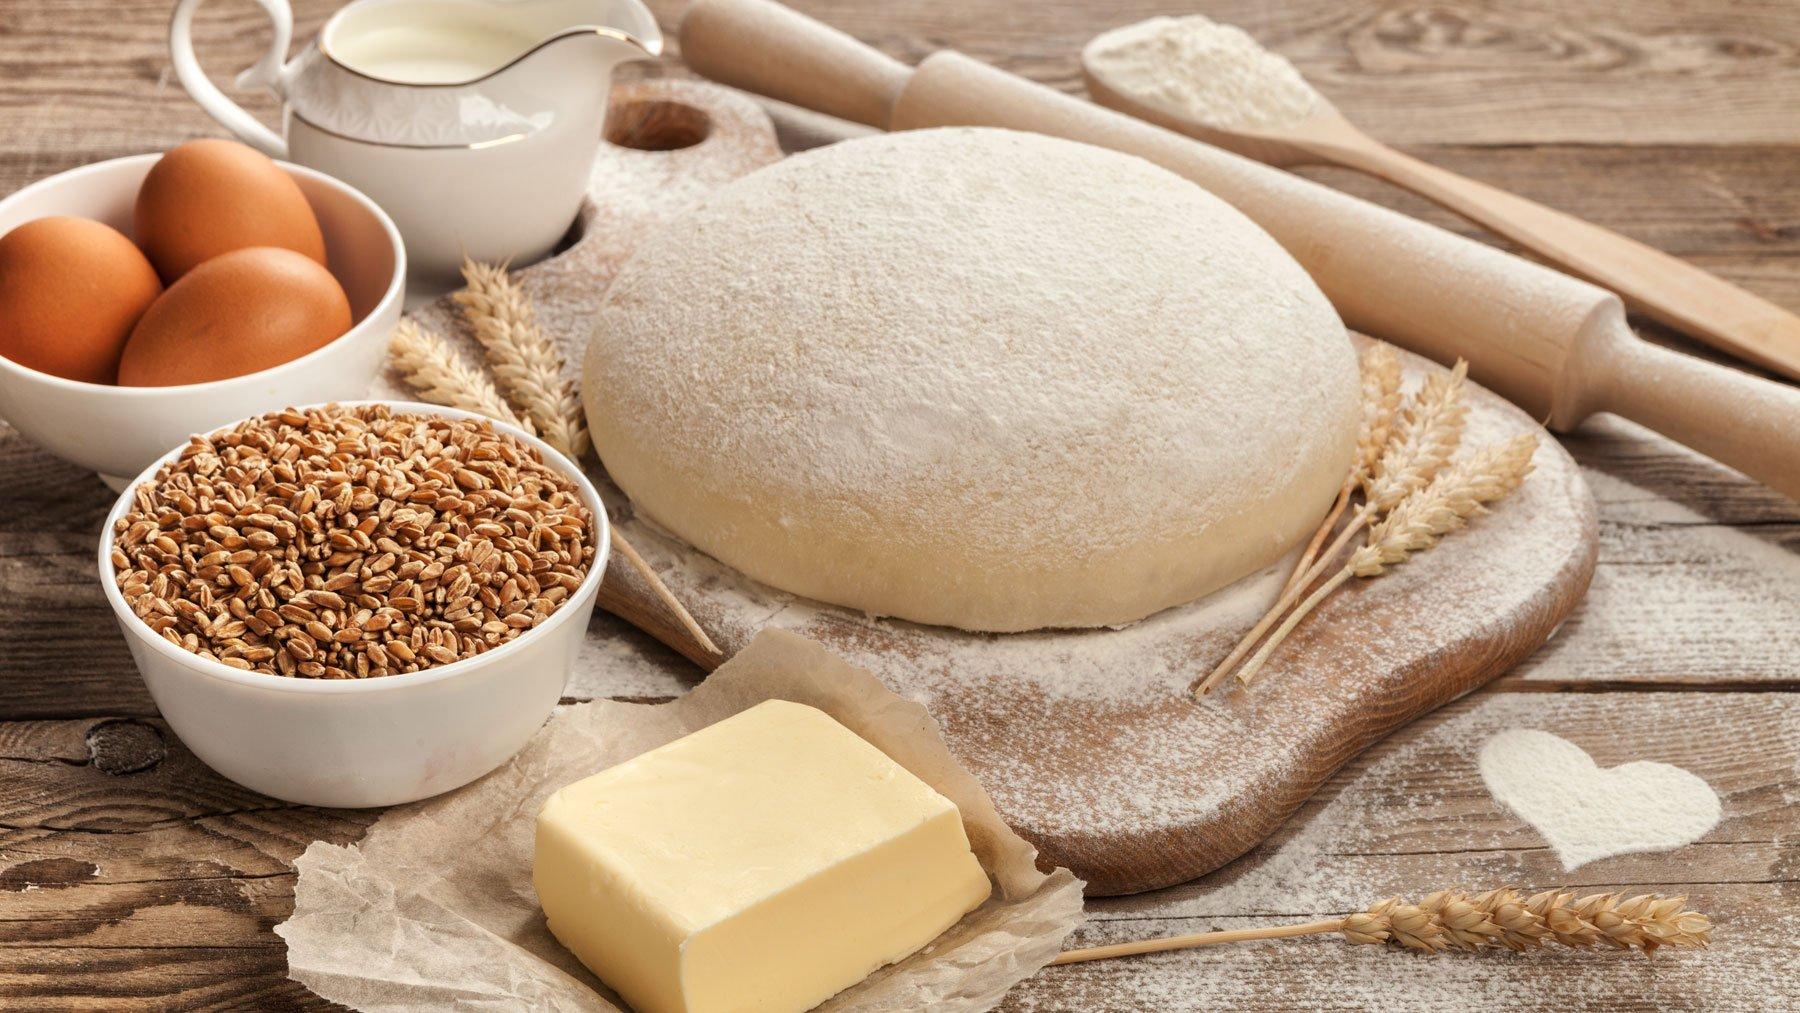 Piano di lavoro con impasto, uova, latte, burro, mattarello e cucchiaio in legno a Sarzana (SP)